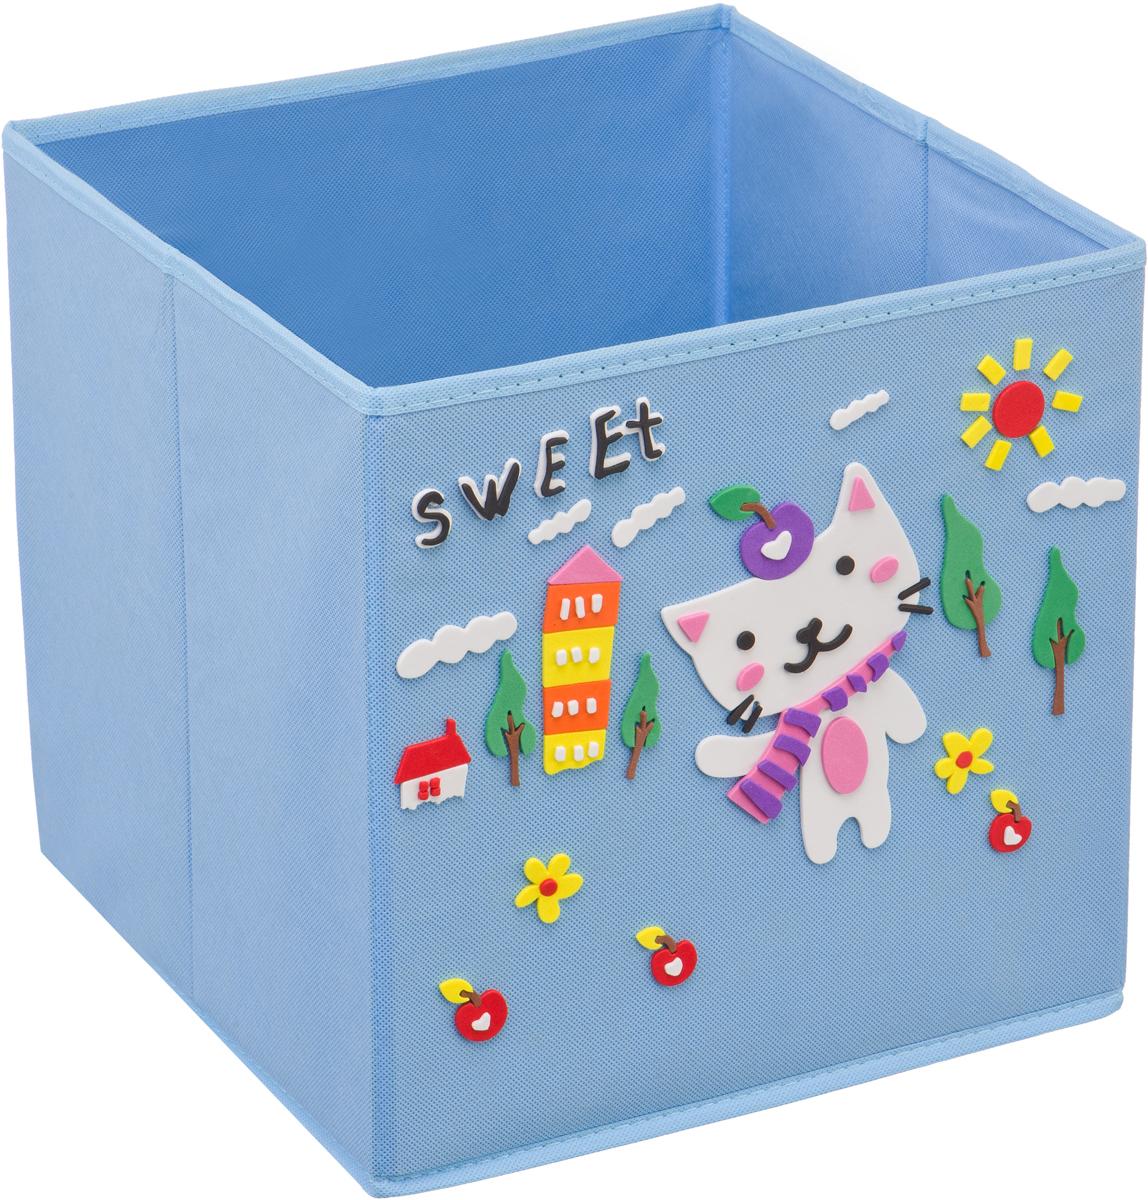 Кофр для хранения Handy Home Котик, с аппликацией, цвет: голубойUC-113Кофр с аппликацией - универсальная система для домашнего хранения, которая дополняется интересной аппликацией с эксклюзивным и веселым детским дизайном для оформления фронтальной стороны короба. Комплект представляет собой складной короб из нетканого материала и картона, плюс самоклеящаяся аппликация из полимера, которую необходимо самому собрать в картину.Соберите всю увлекательную коллекцию у себя дома.